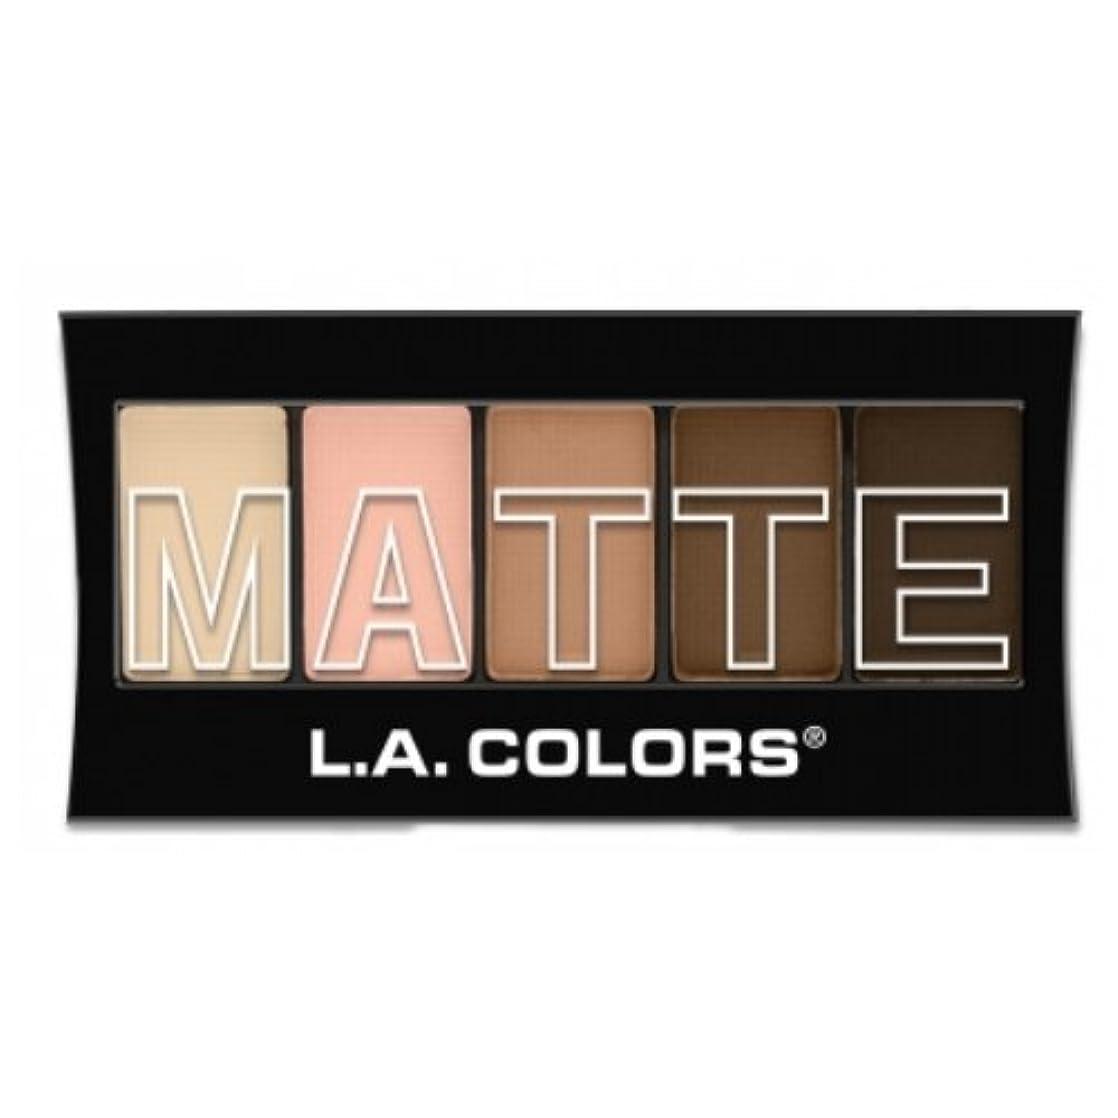 崖必要とする心理的(3 Pack) L.A. Colors Matte Eyeshadow - Tan Khaki (並行輸入品)